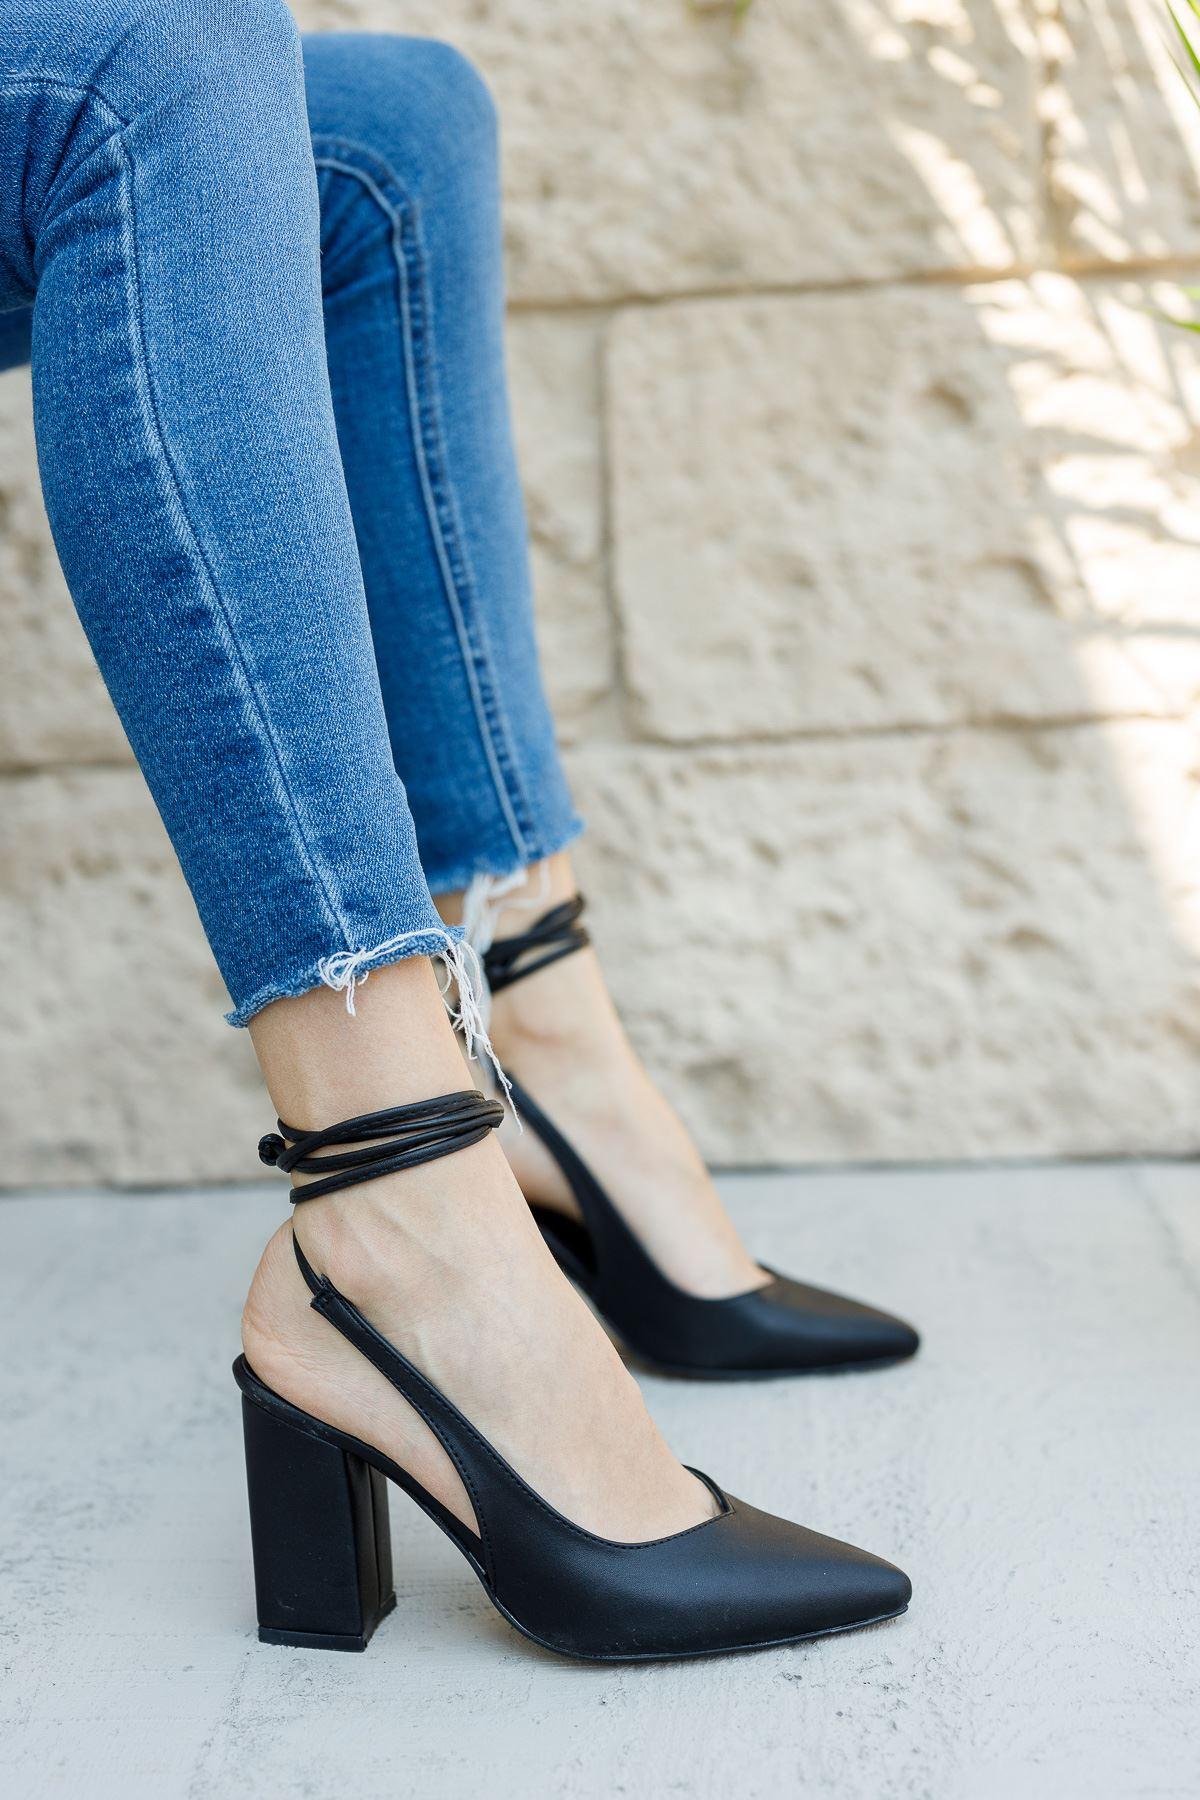 Kadın Matilda Bağcık Detaylı Sivri Burun Mat Deri Siyah Topuklu Ayakkabı